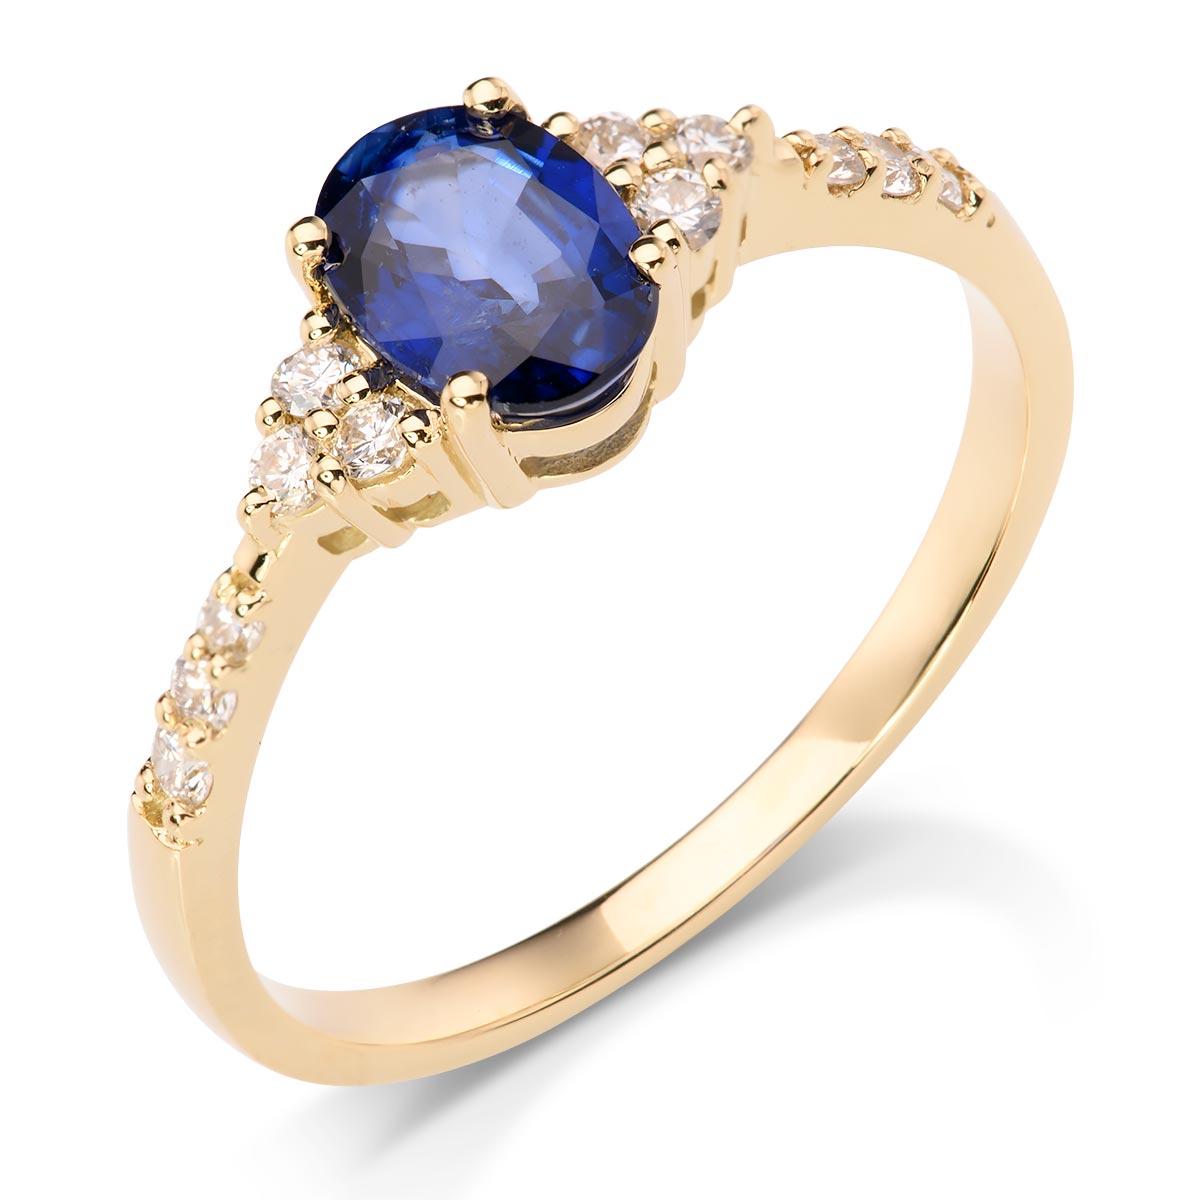 0f31a40b28651d Oszałamiający pierścionek z szafirem i brylantami - p_461_b